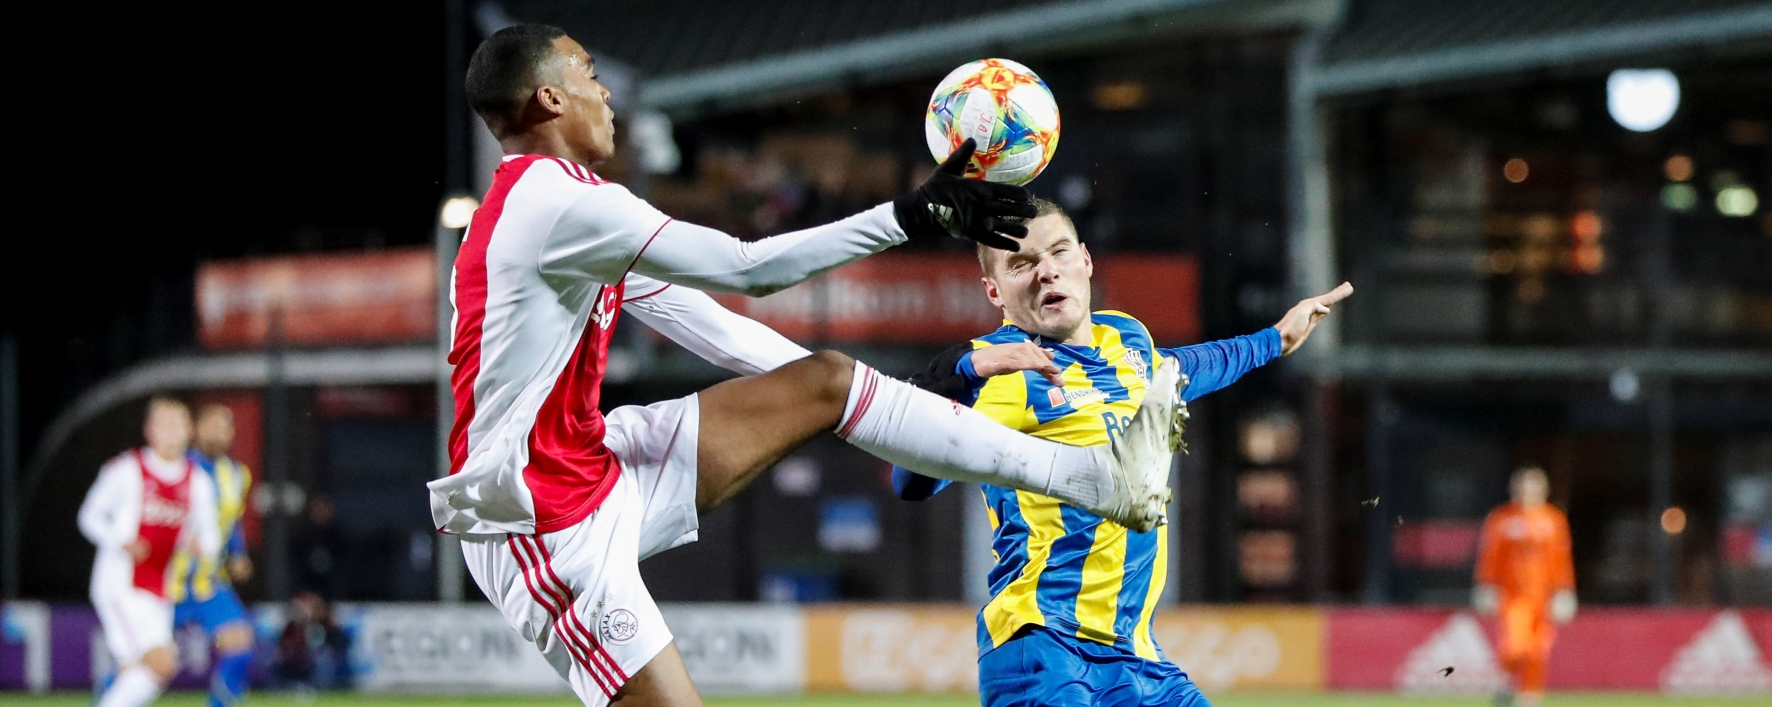 Van Mun Advies is wedstrijdsponsor tegen Jong Ajax